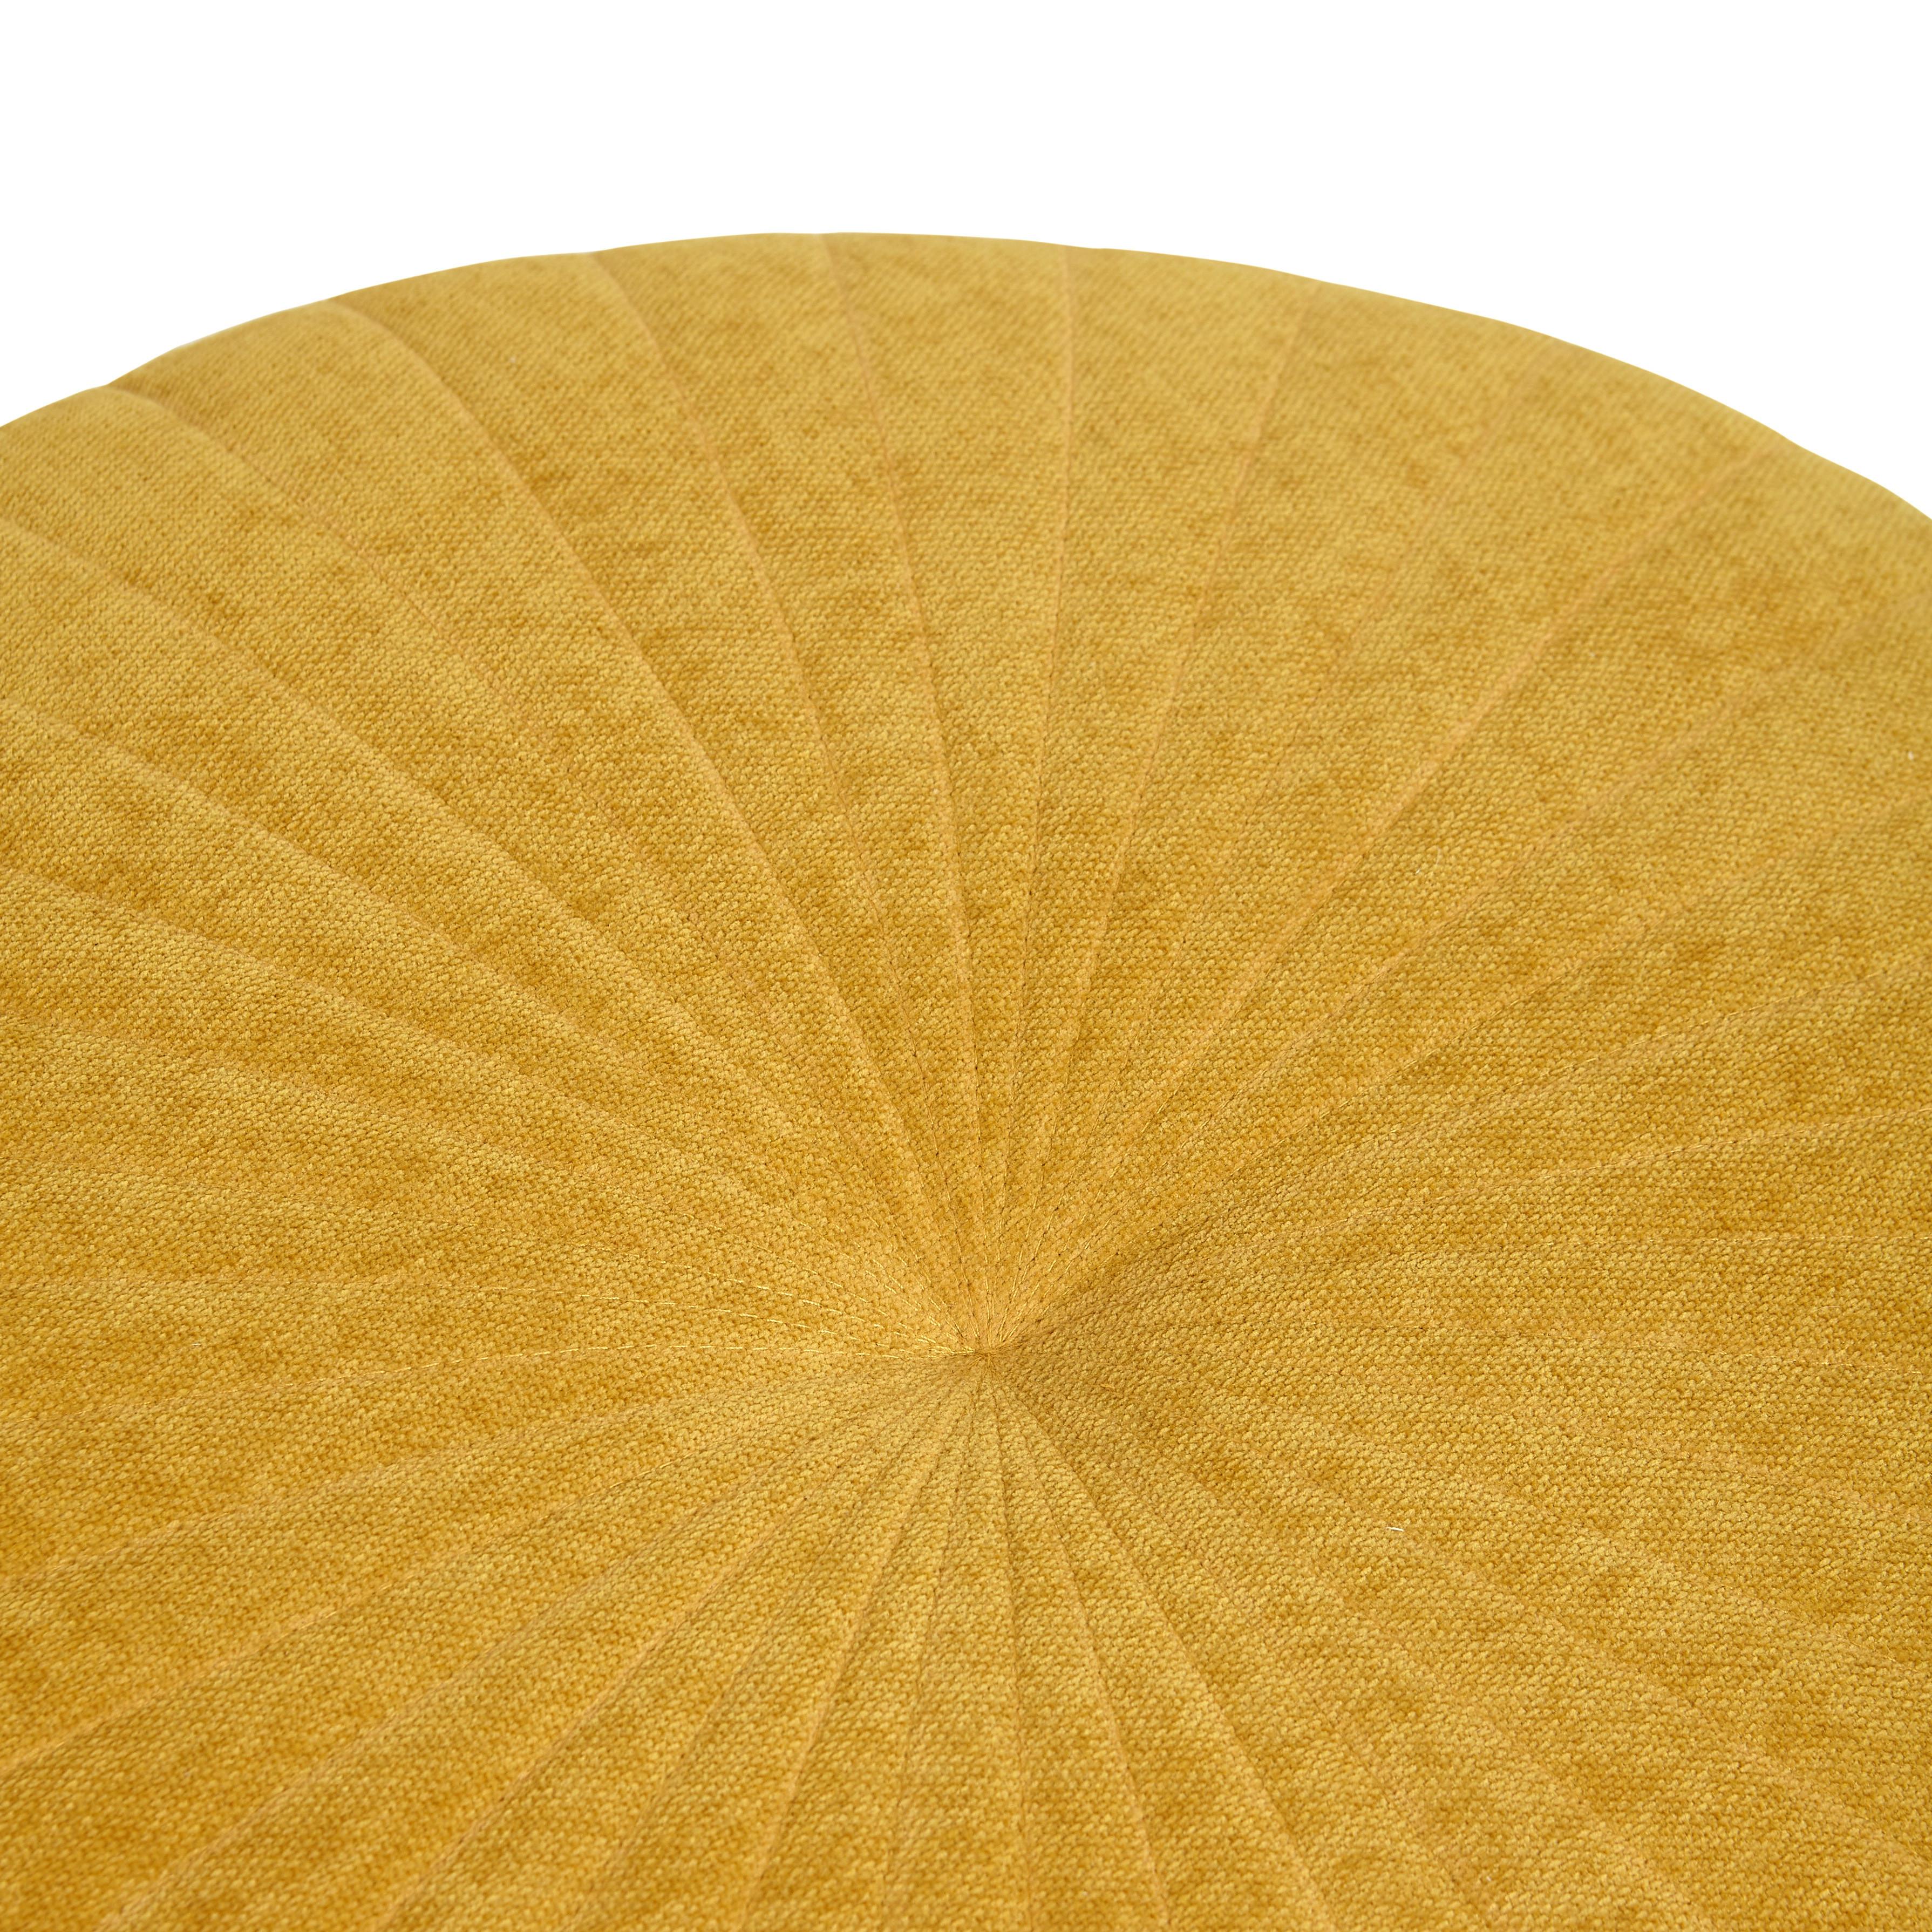 Pouf rotondo in ciniglia Sun, Giallo, large image number 1